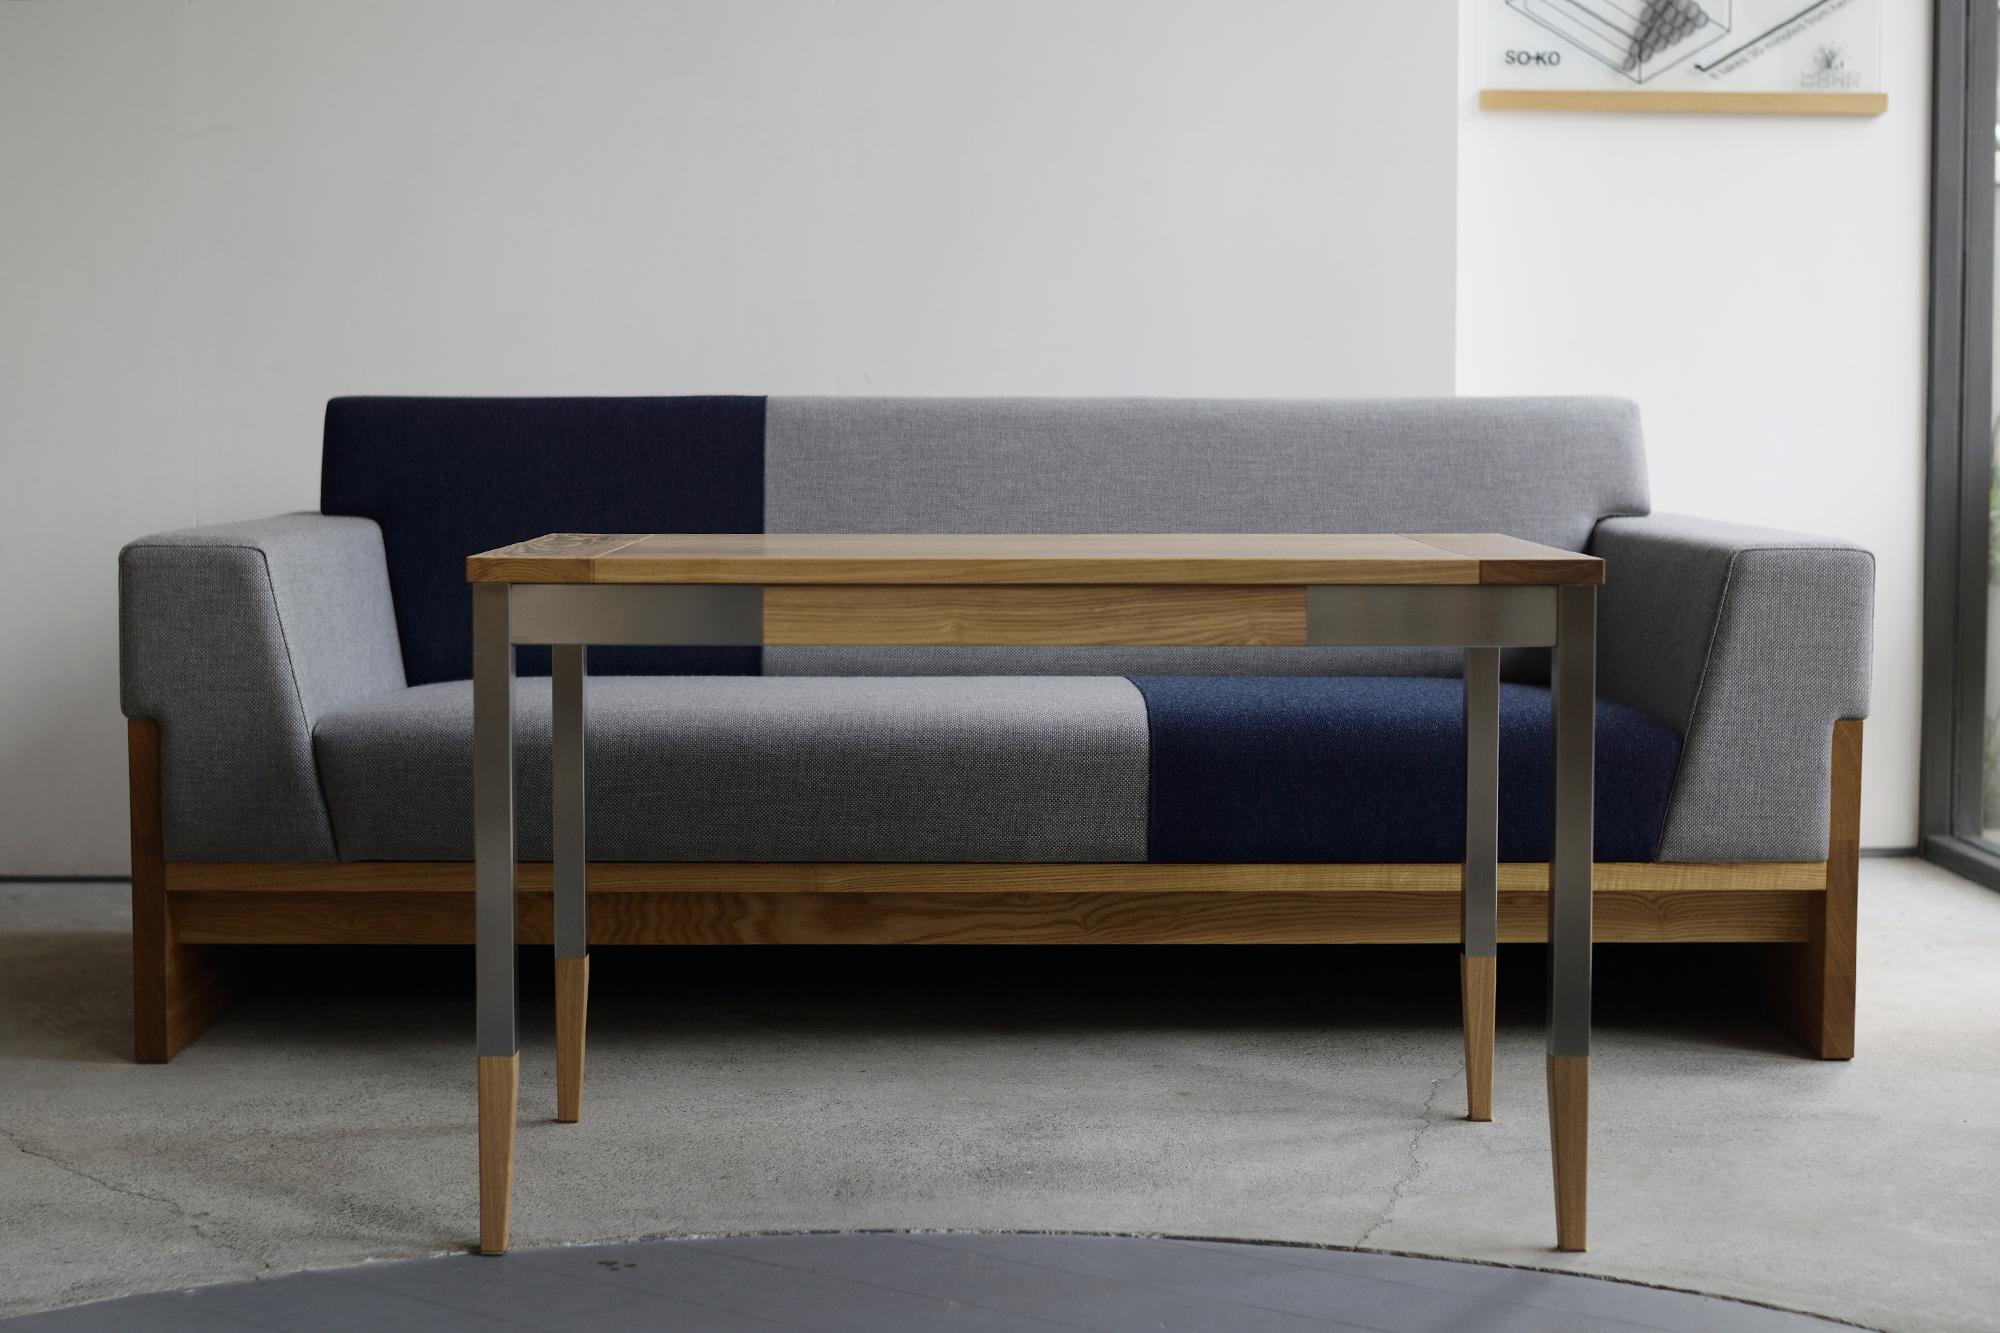 TONE sofaとオルタナティブテーブル